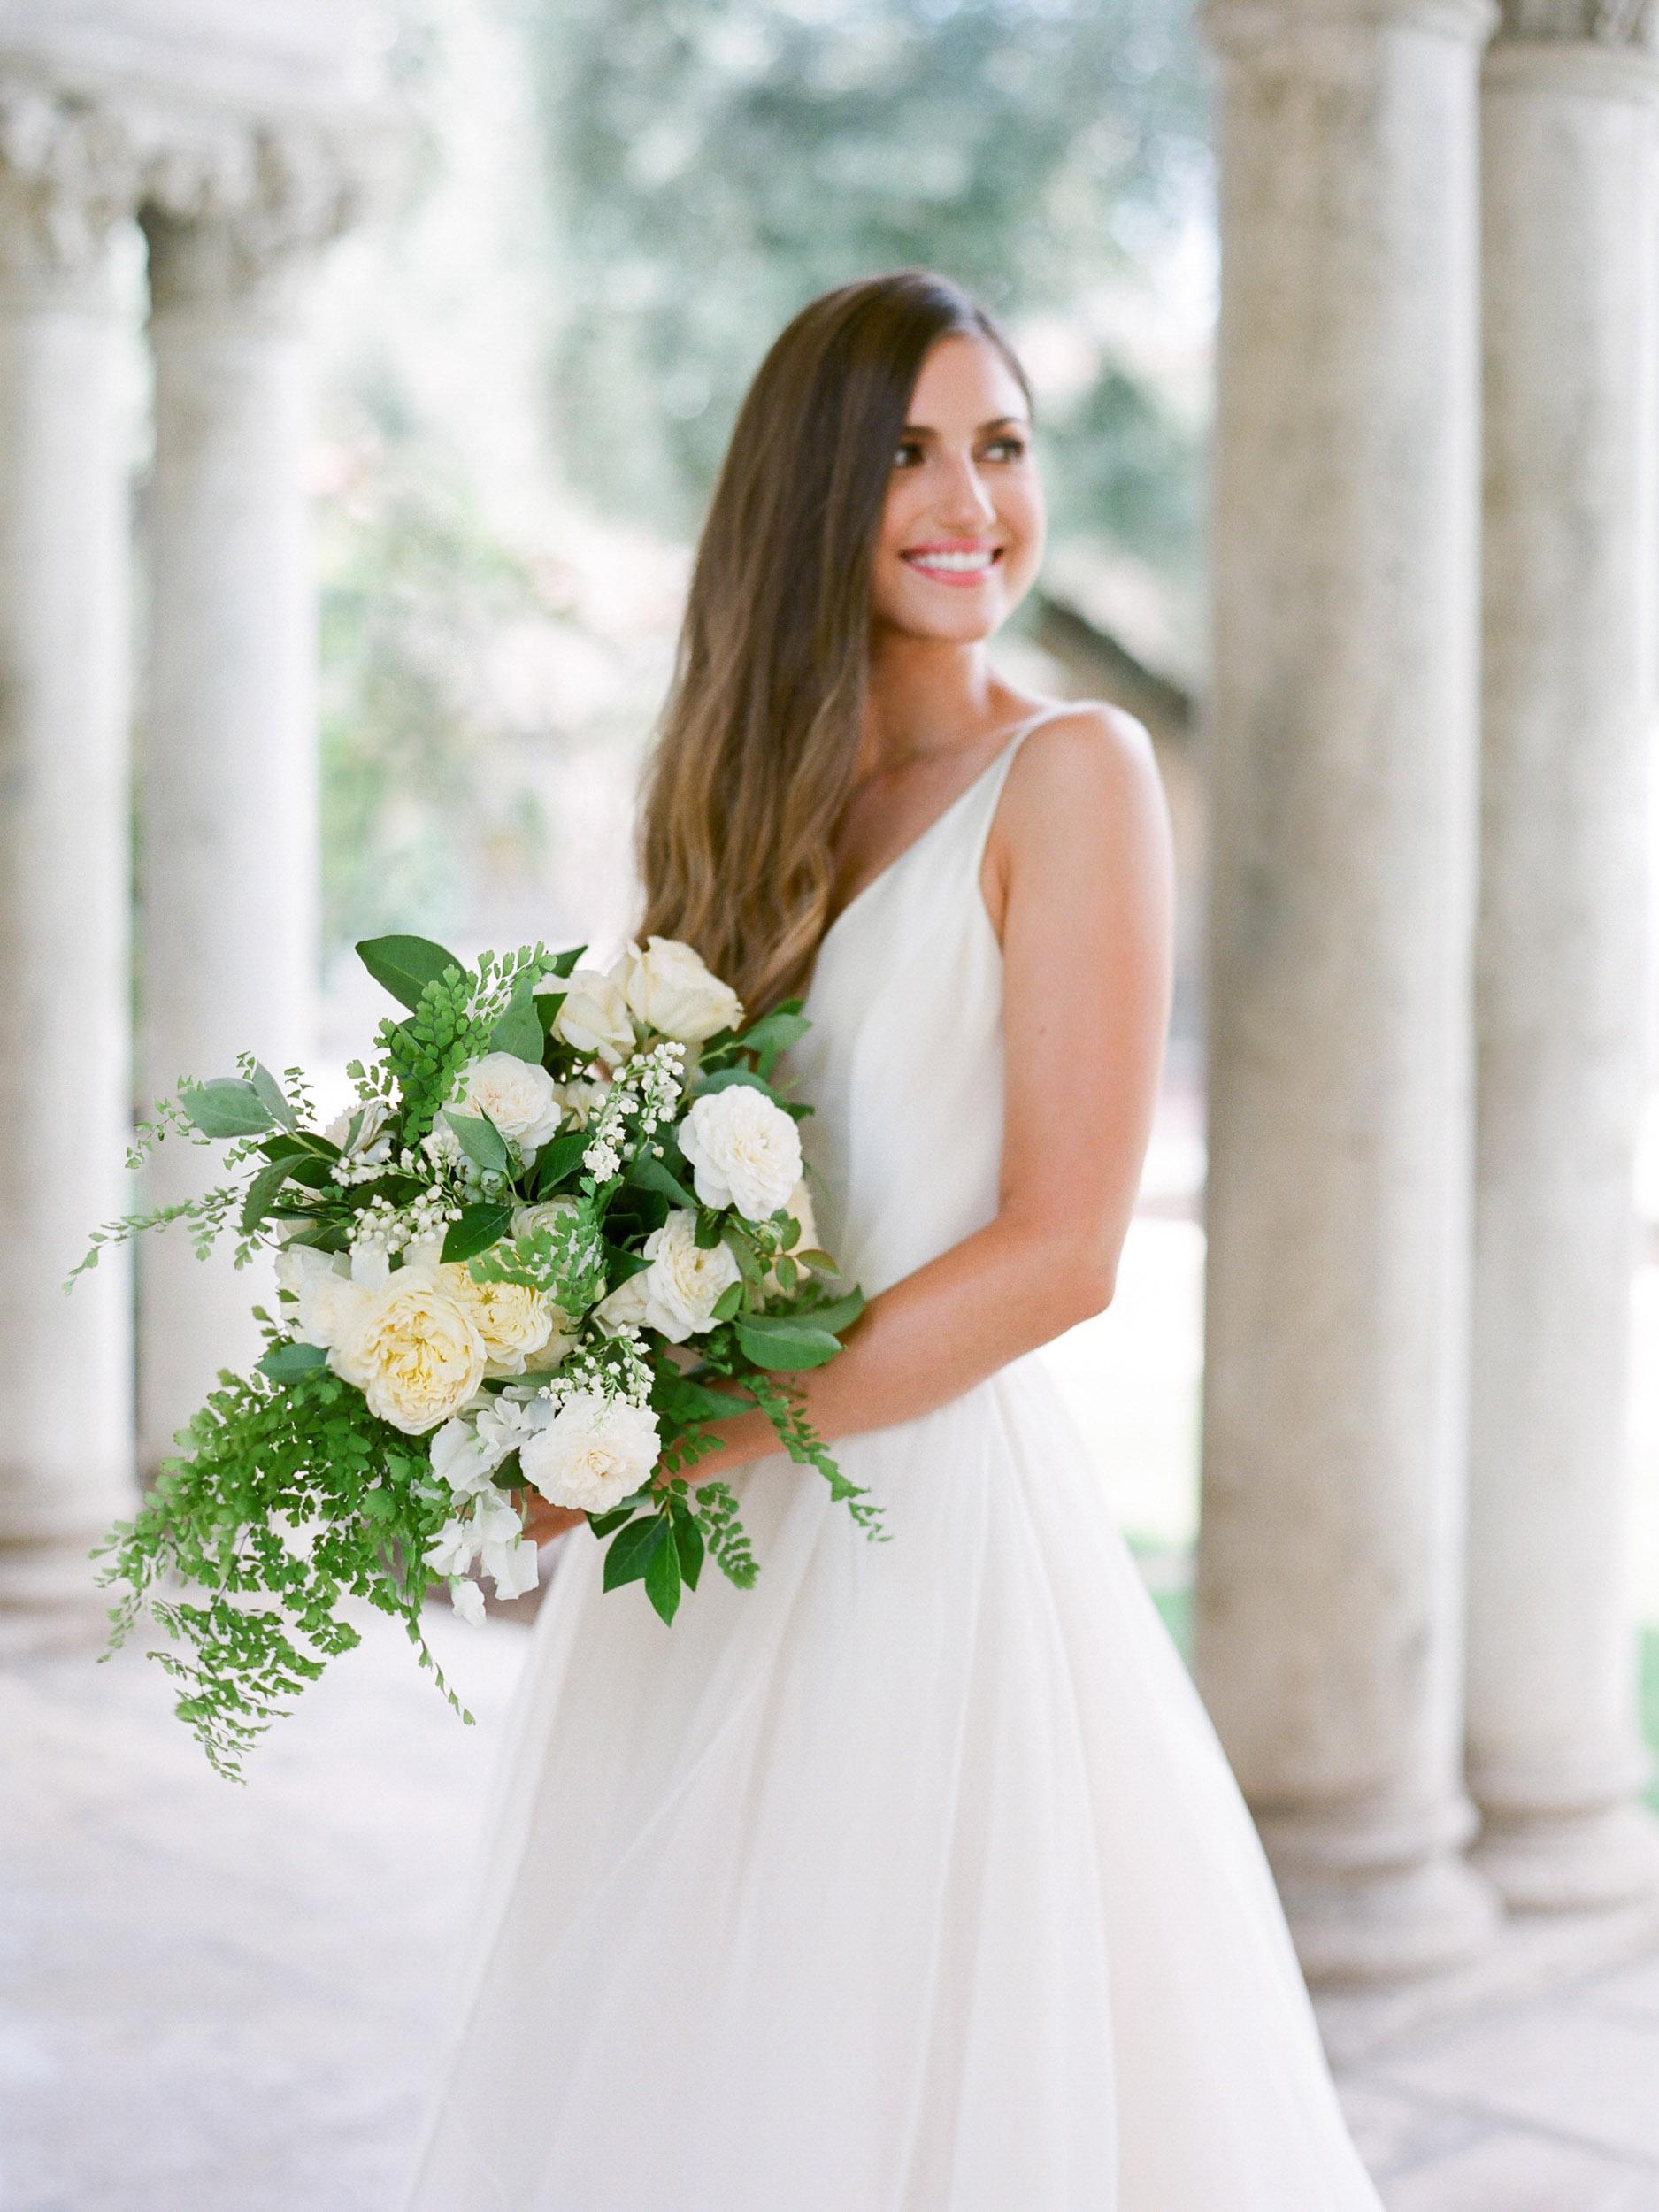 Atheneum+Caltech+Bride+Portrait.jpg